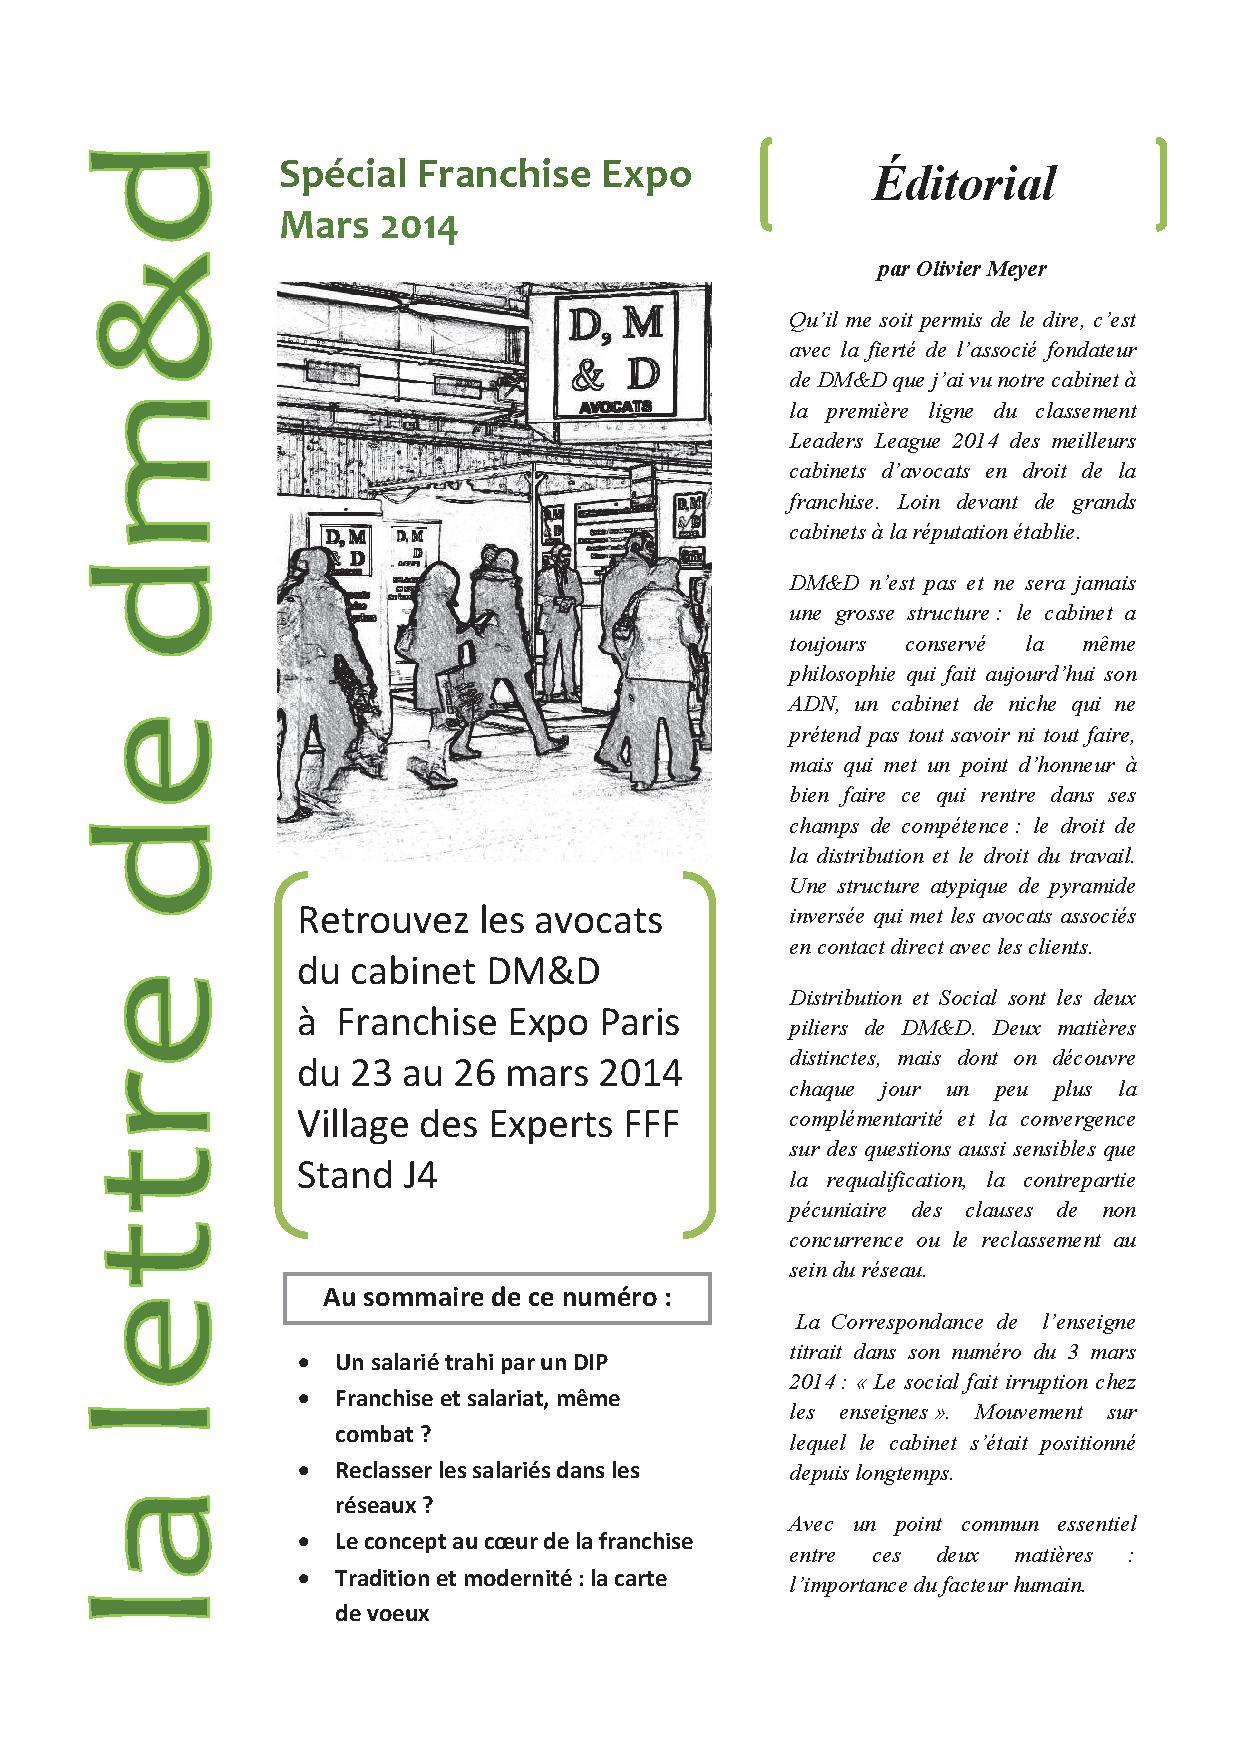 La lettre franchise expo 2014